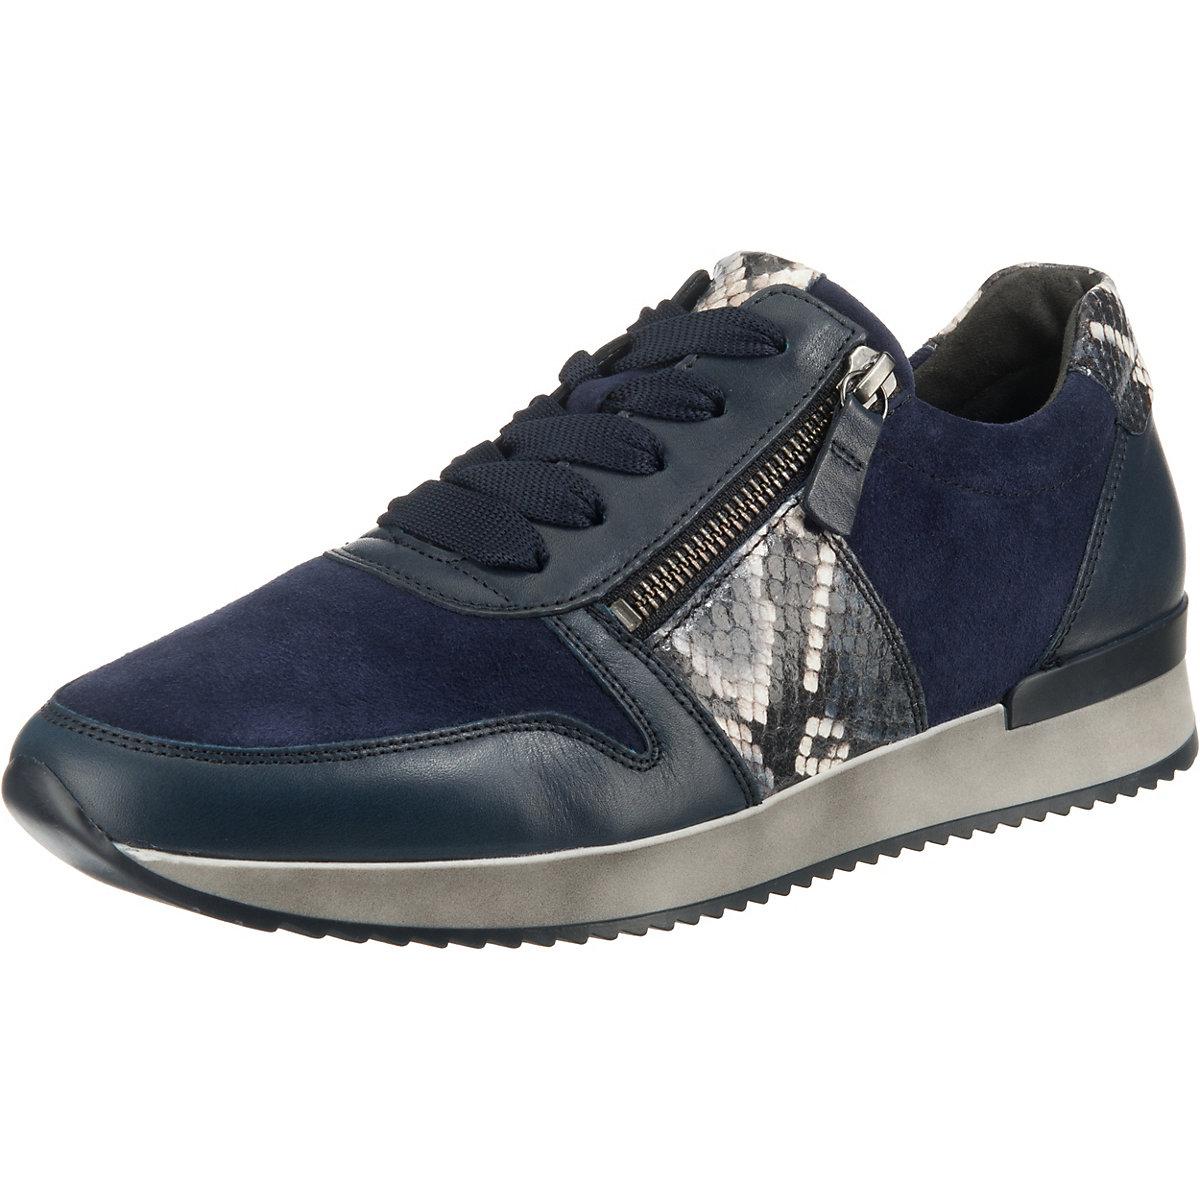 Gabor, Turnschuhe Low, blau  Gute Qualität beliebte Schuhe